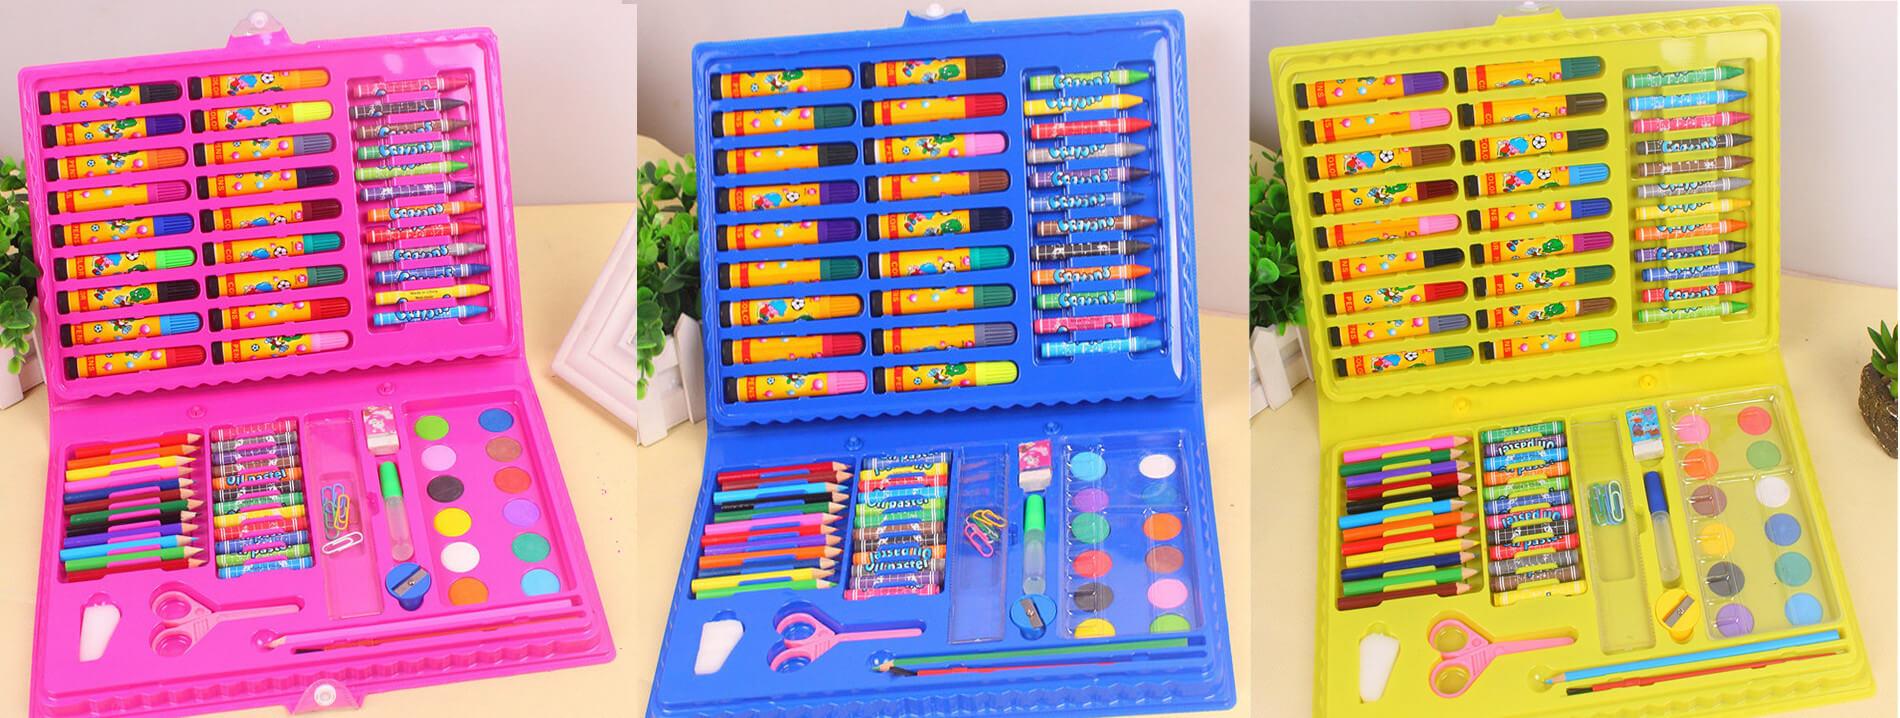 Большой художественный набор из 86 предметов для рисования в чемоданчике